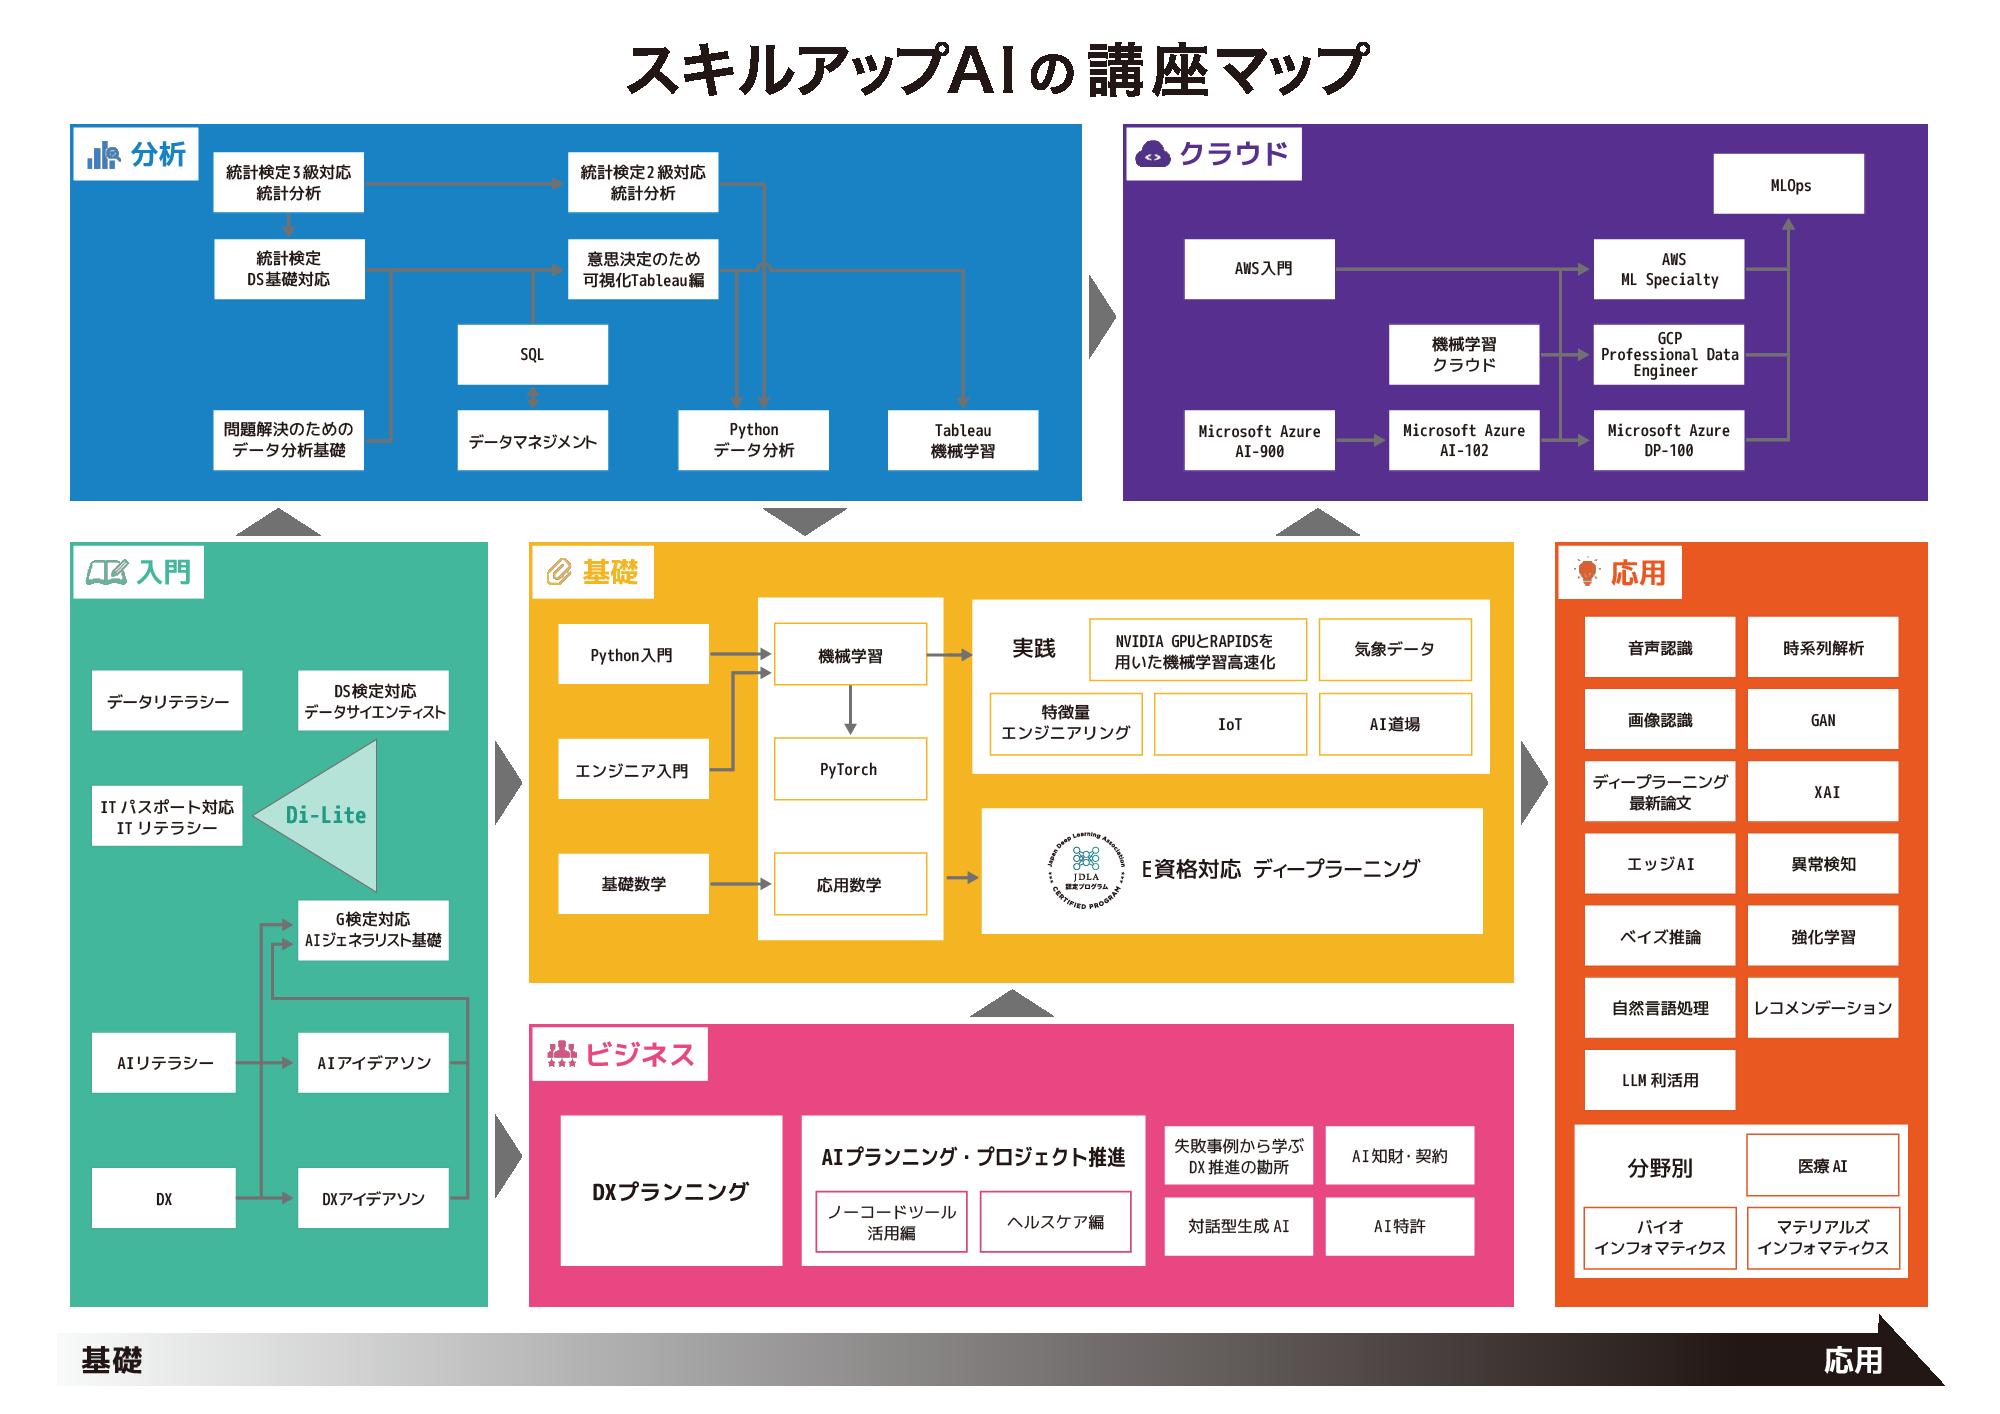 スキルアップAIの講座マップ